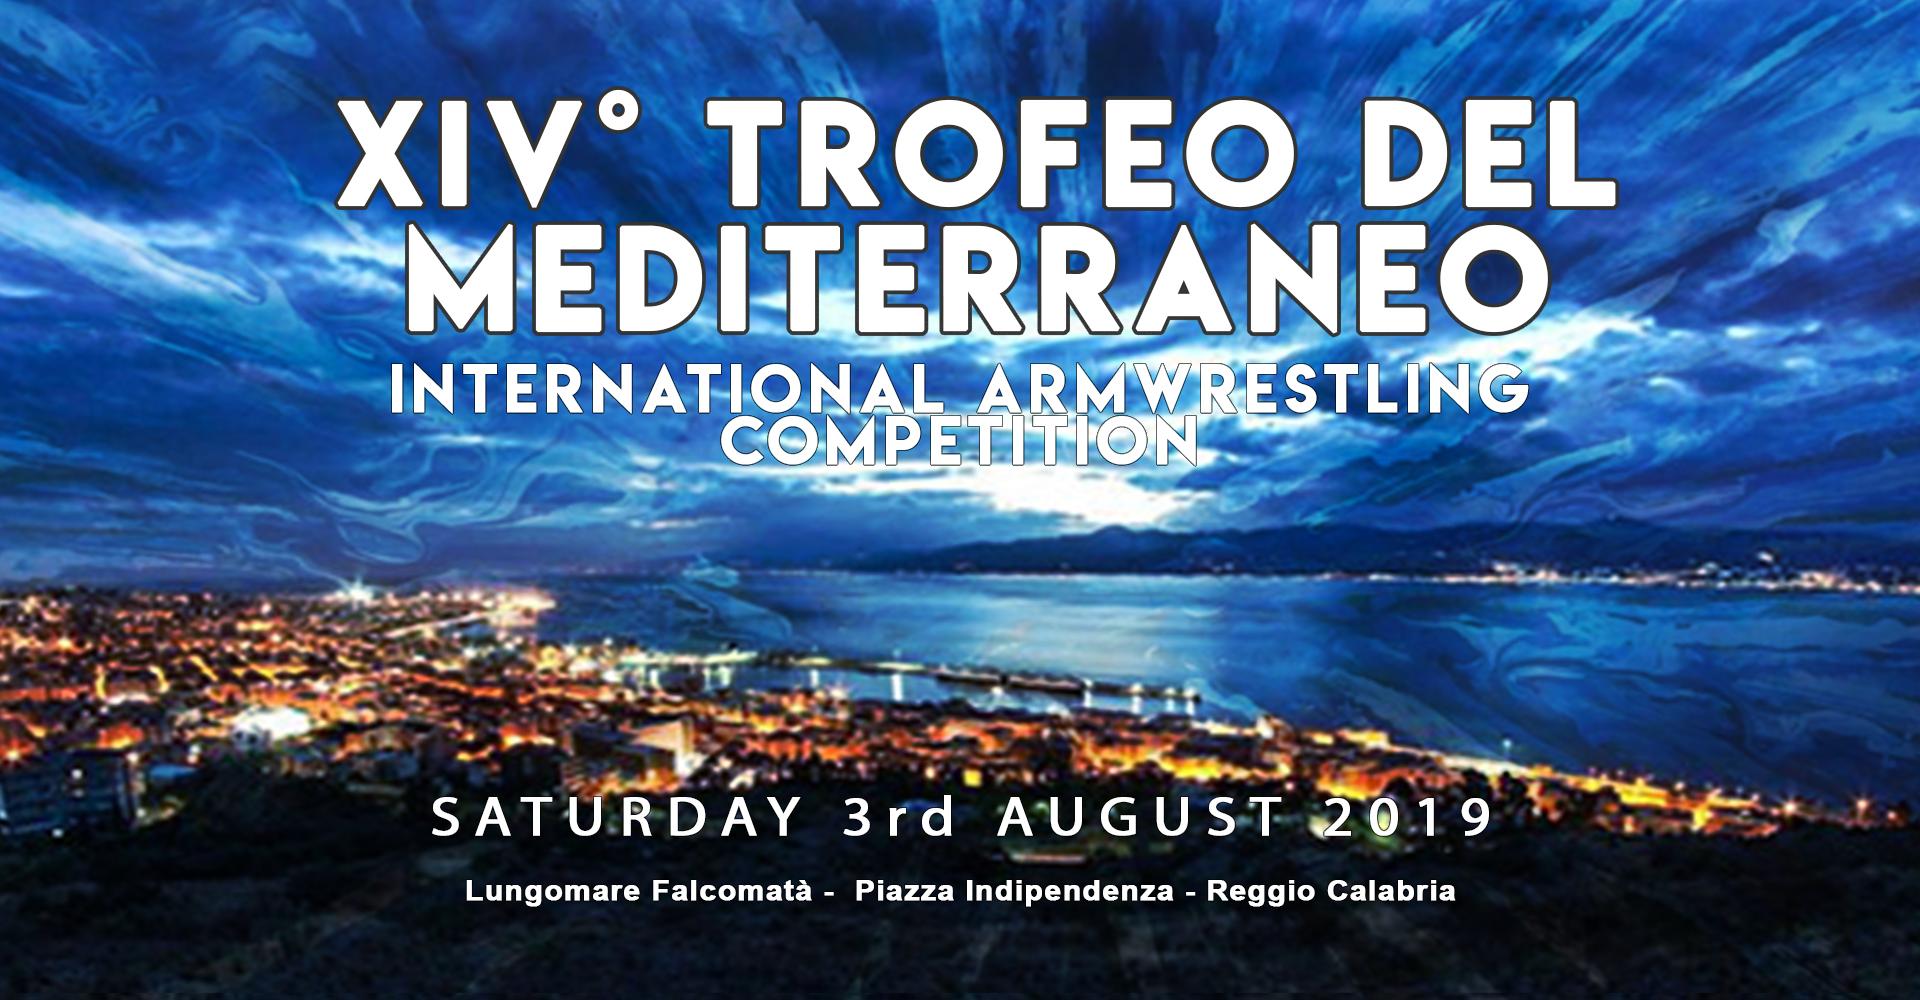 SBFI - Trofeo del Mediterraneo 2019